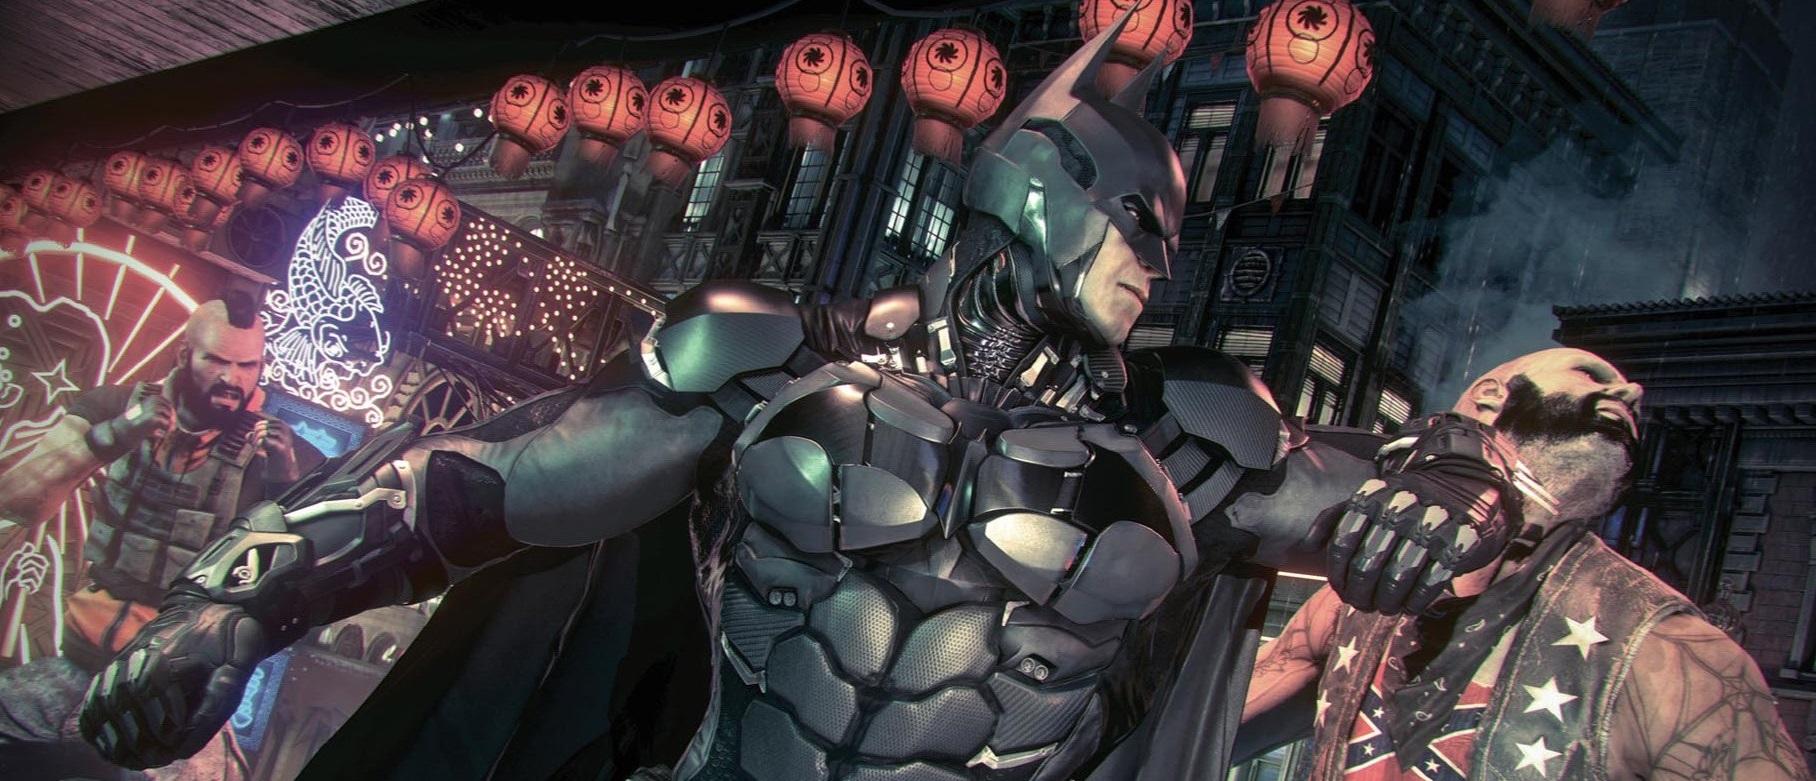 El nuevo parche del Arkham Knight no hace gran cosa